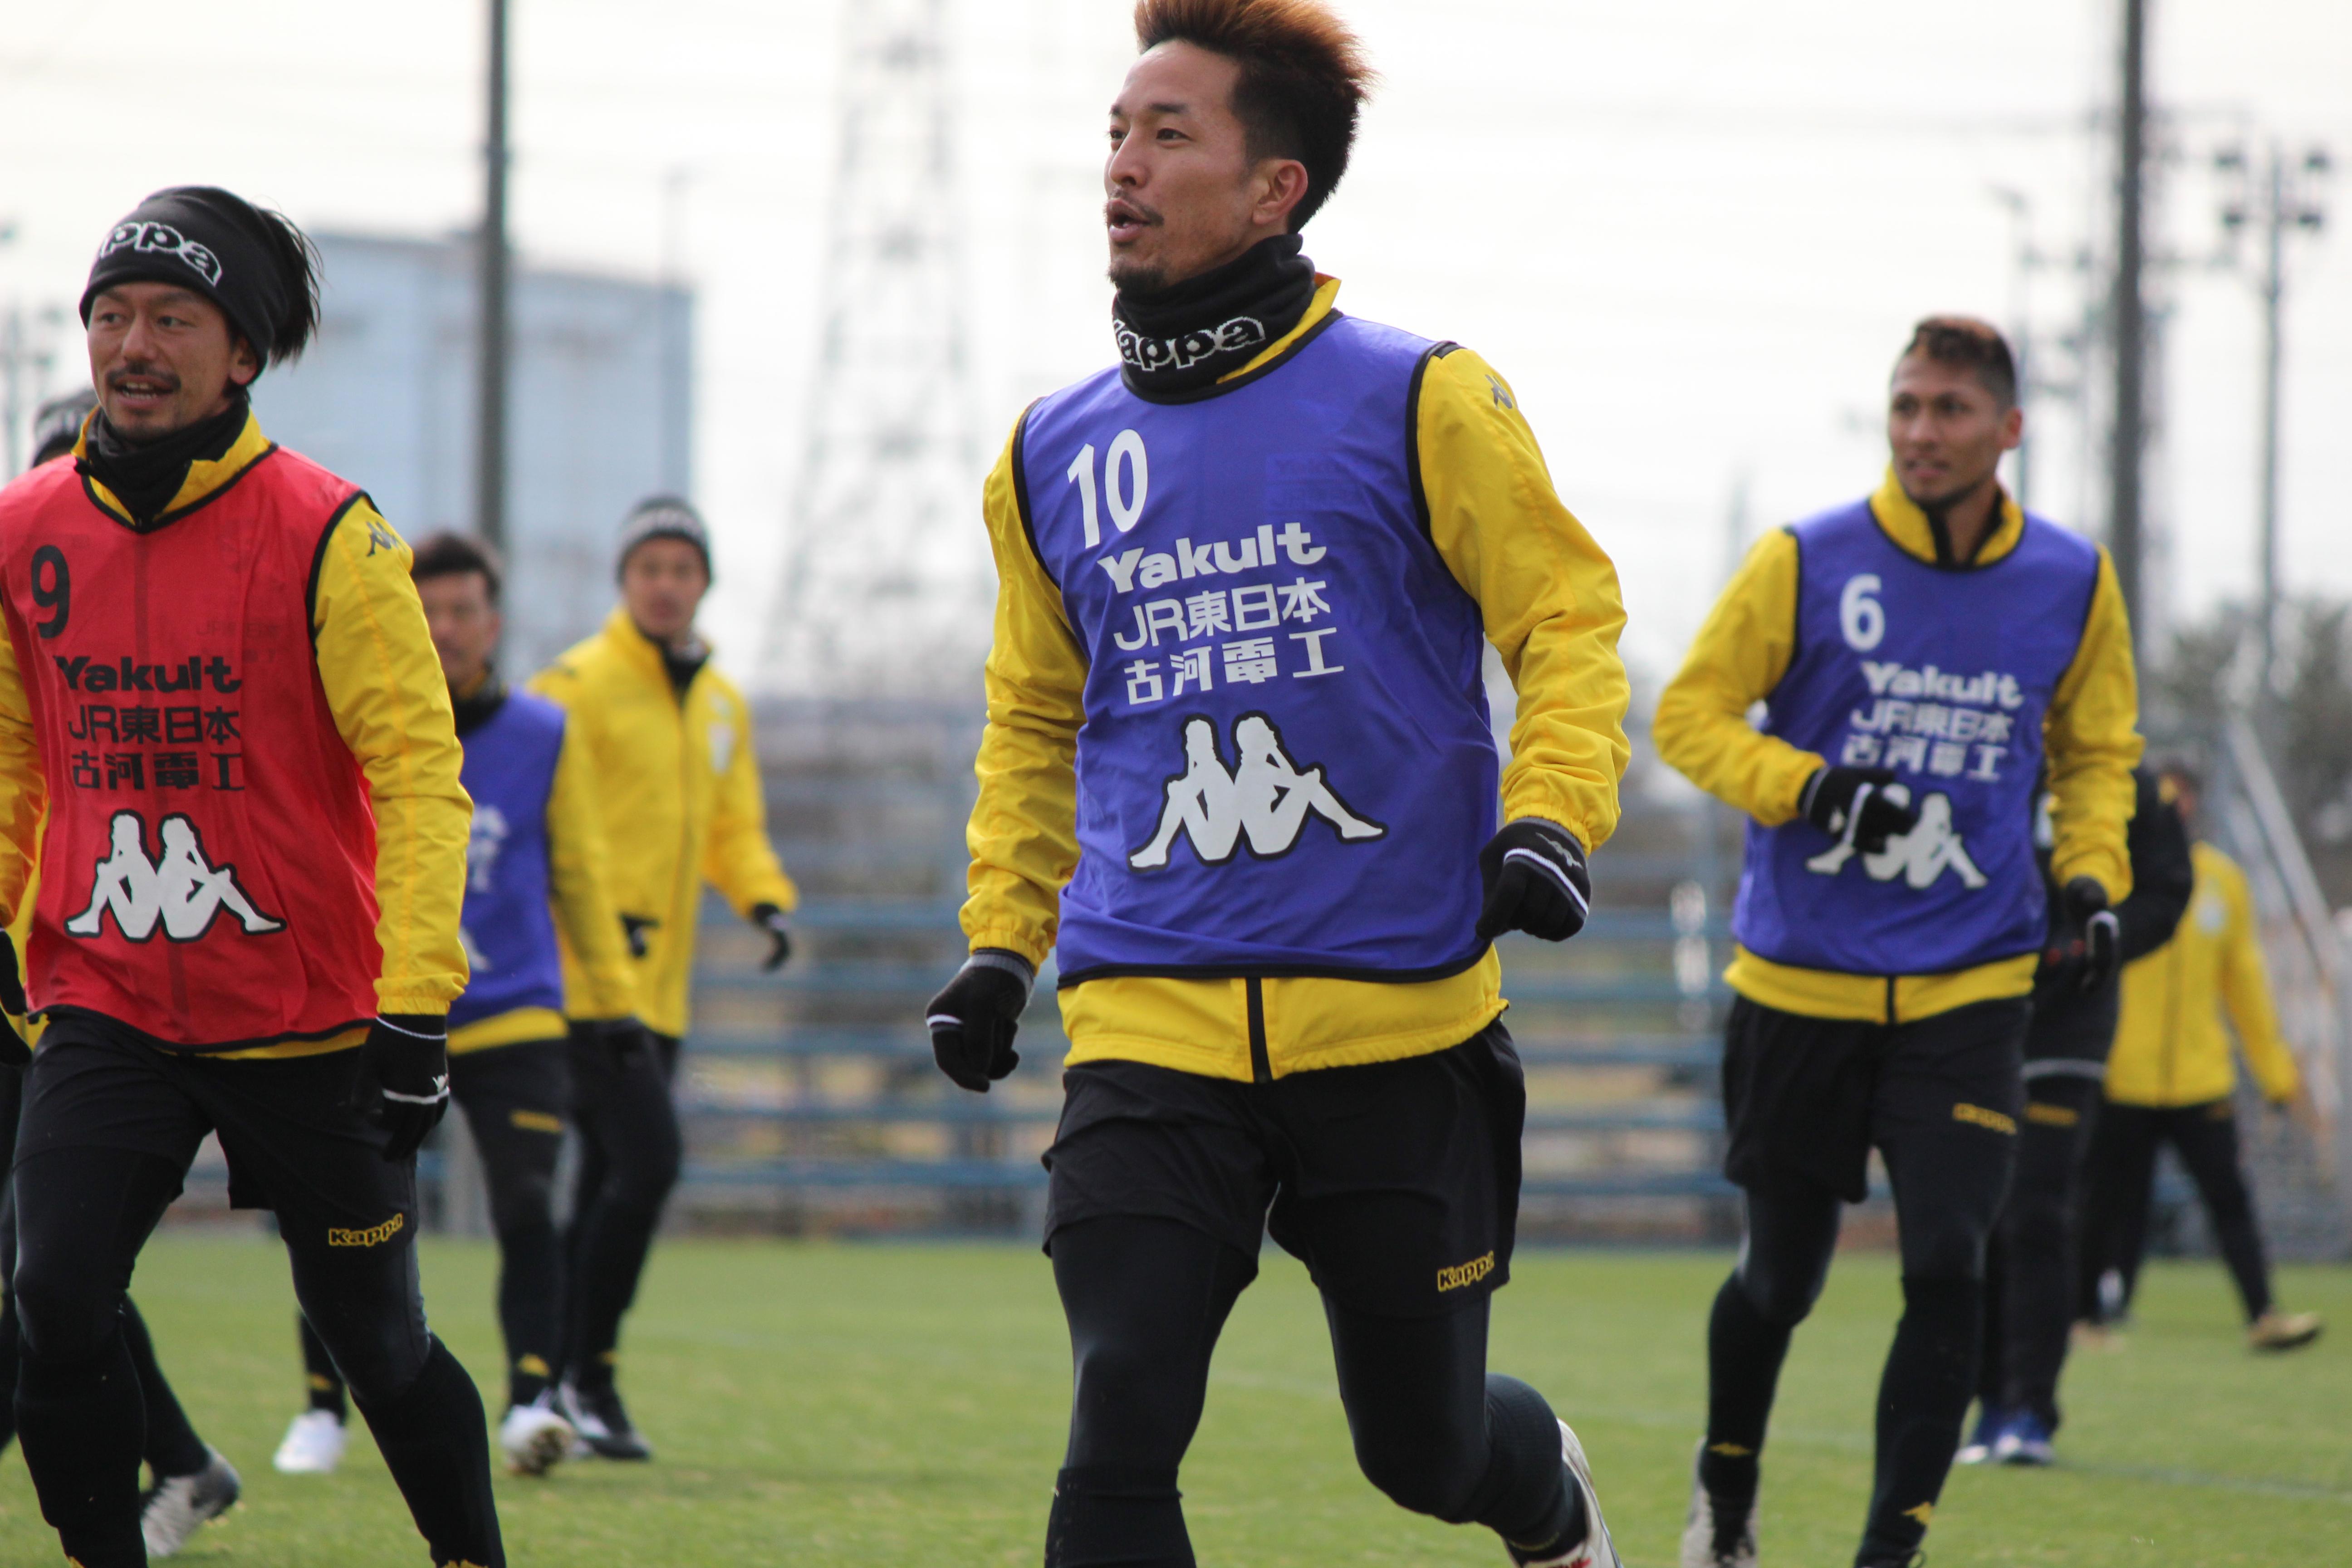 田口泰士選手「相手の気持ちとかそういうものに負けないように、相手よりも強く試合に入ることが大事かなと思います」